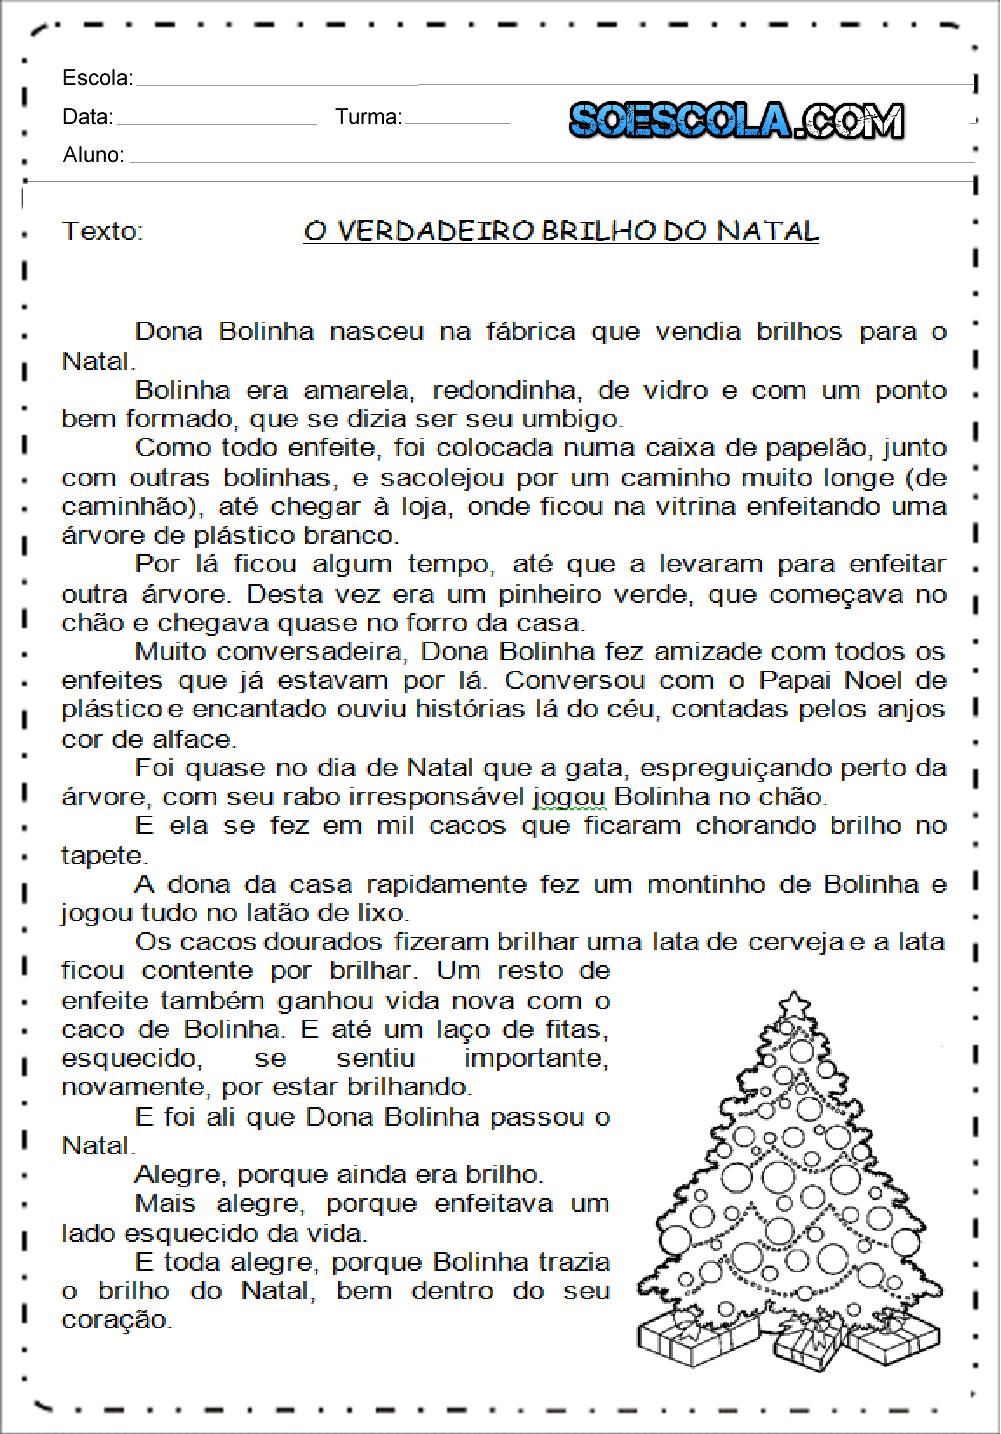 Textos Curtos sobre Natal para imprimir - Textos para Imprimir